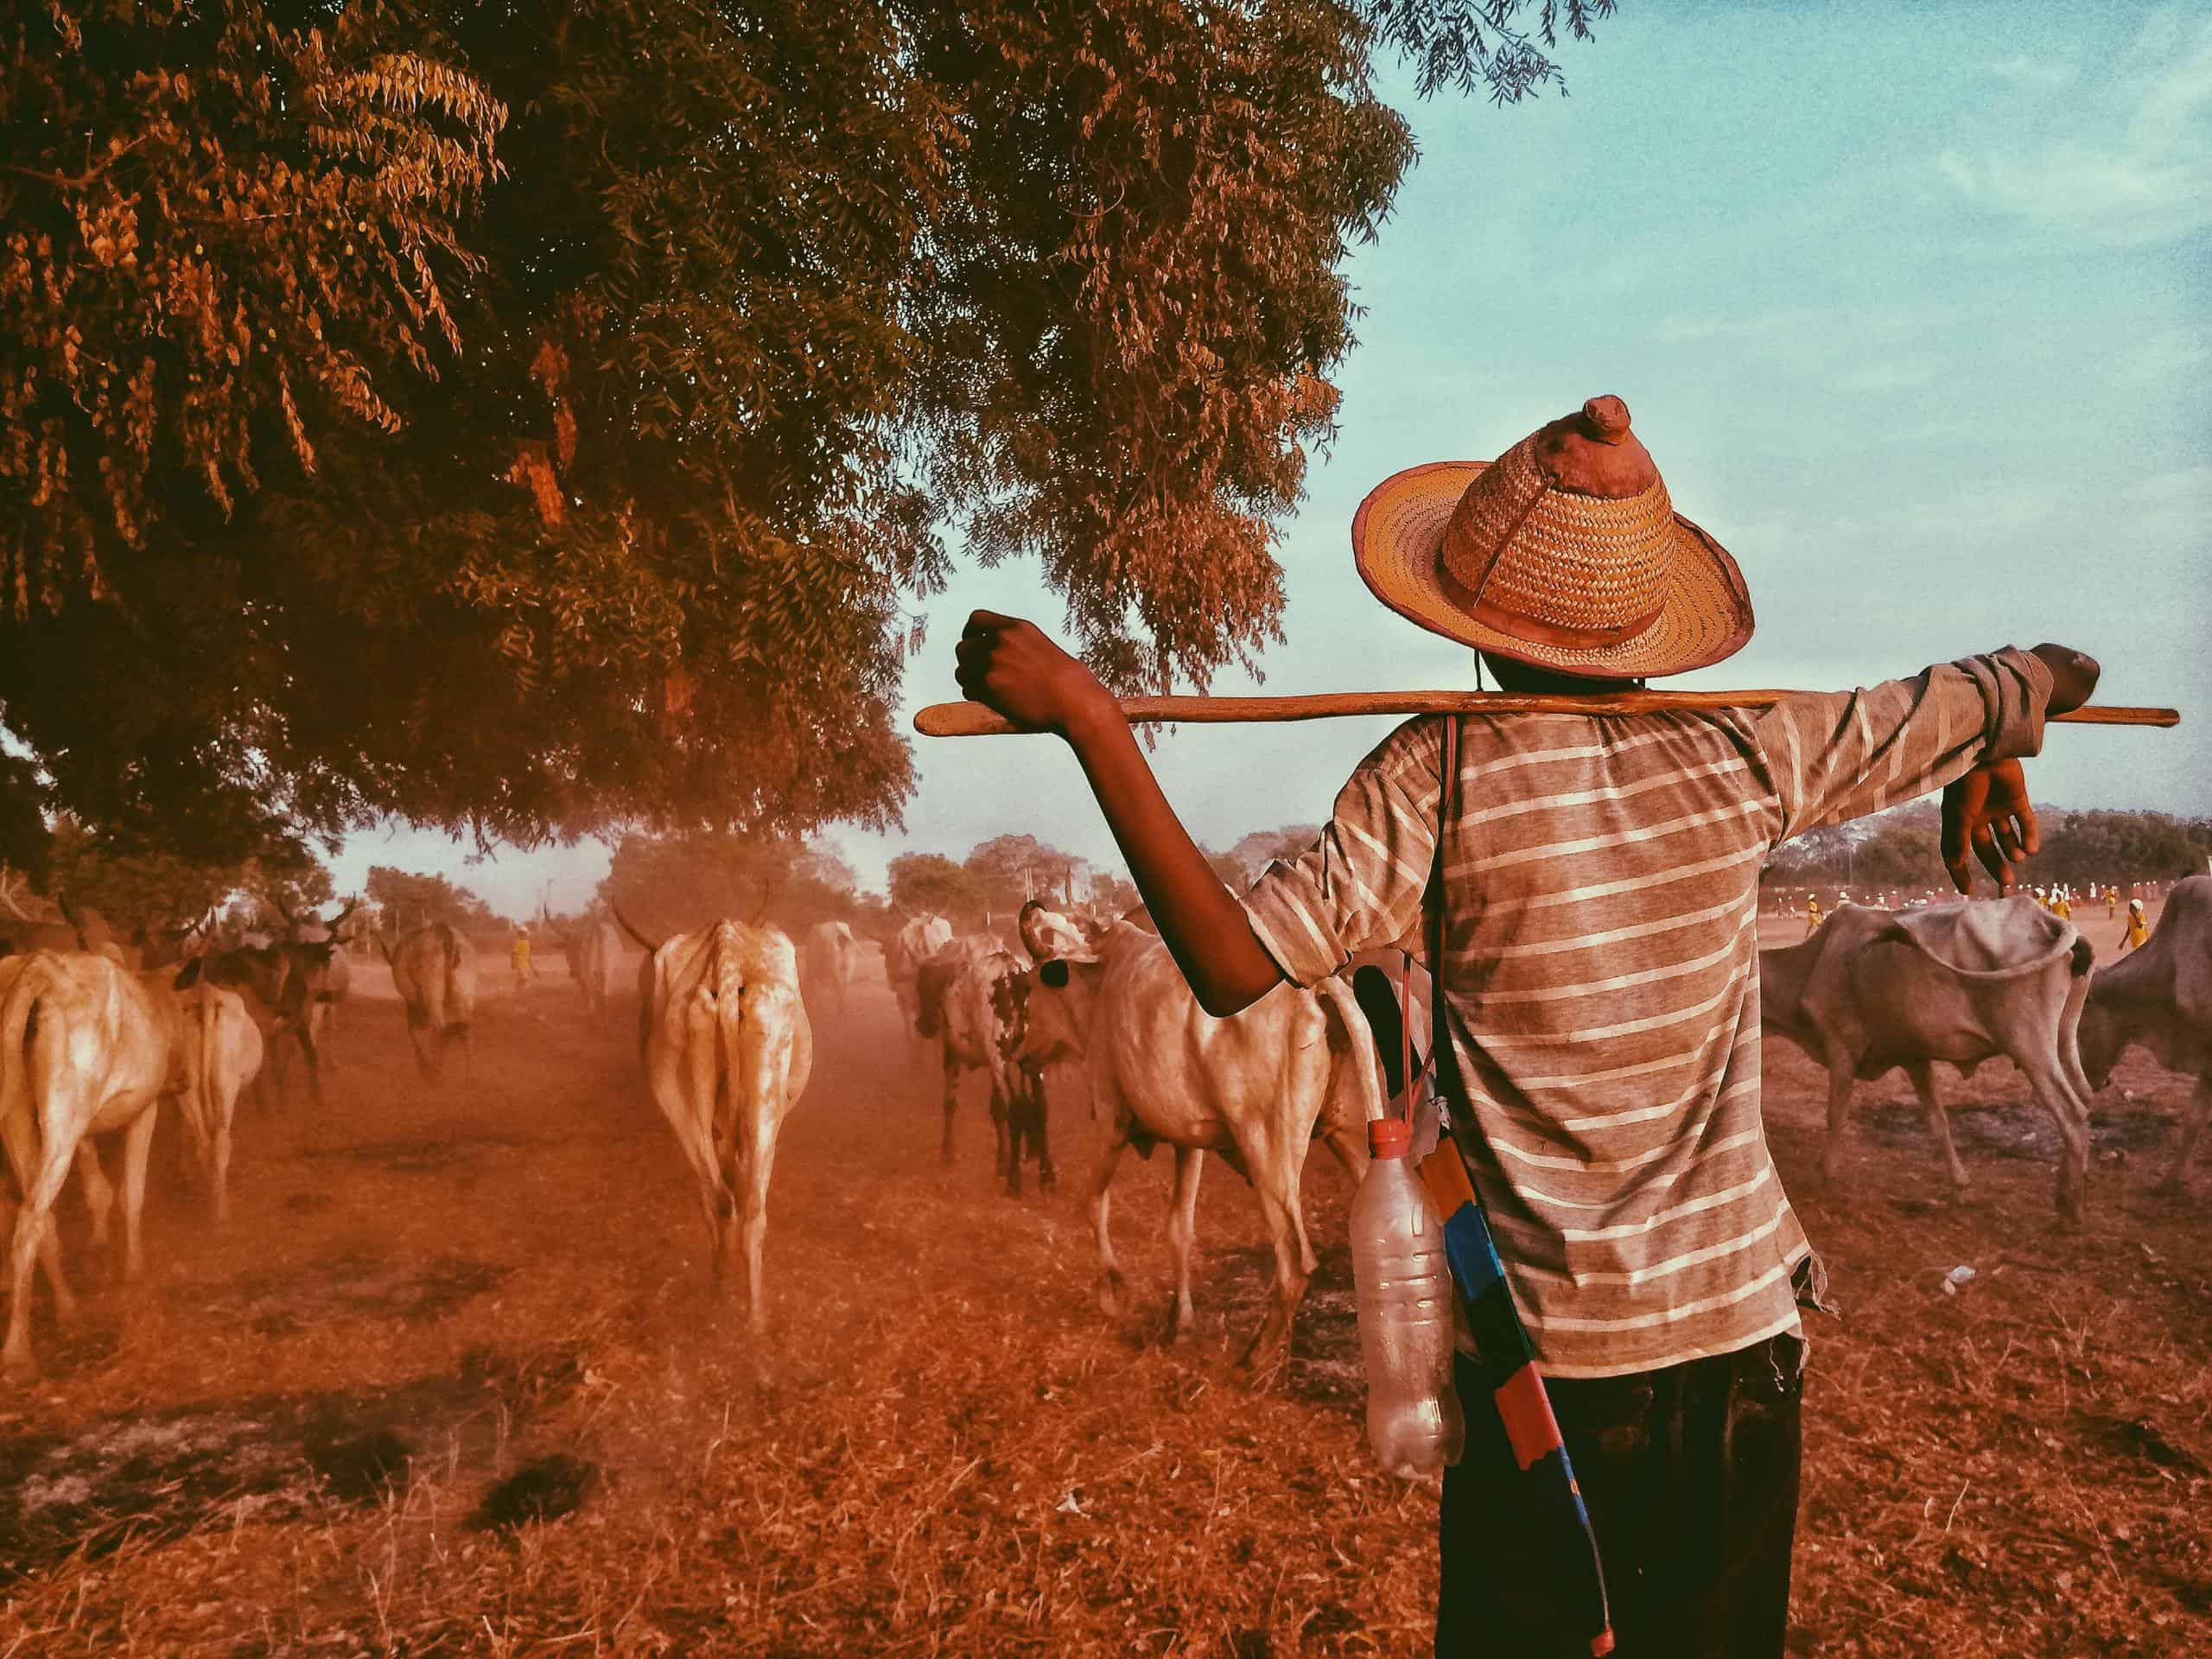 Mikrofinanzkredit für afrikanischen Farmer